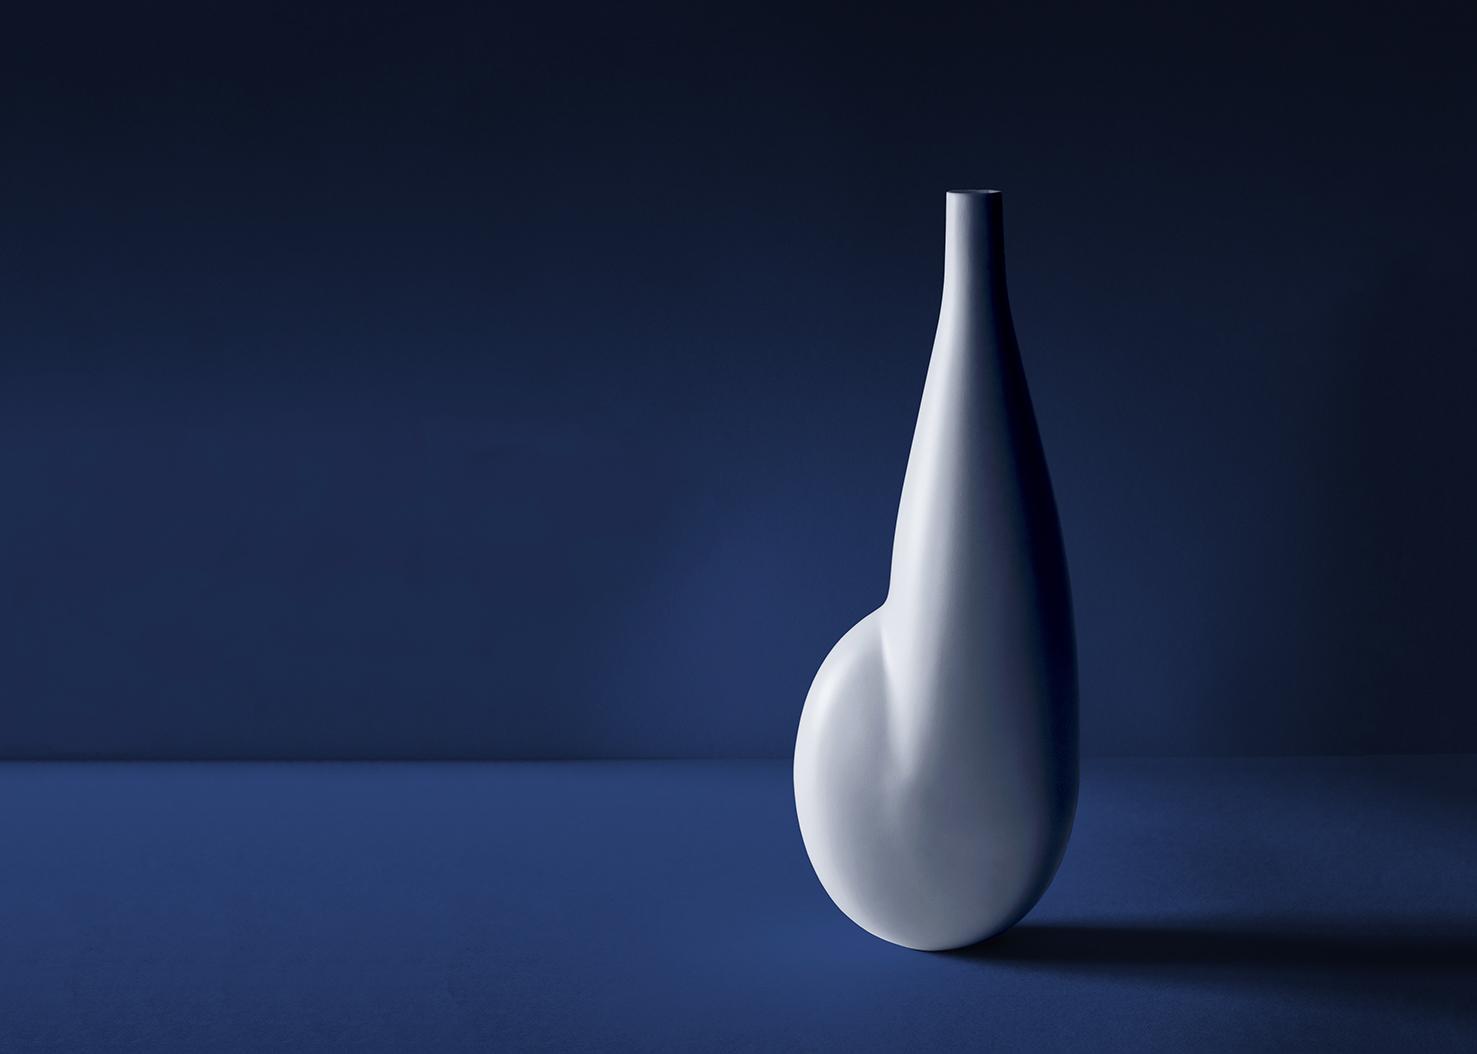 Miroir design à poser, miroir salle de bain par Arnaud Desvignes pour DANIEL edition, acier inoxydable